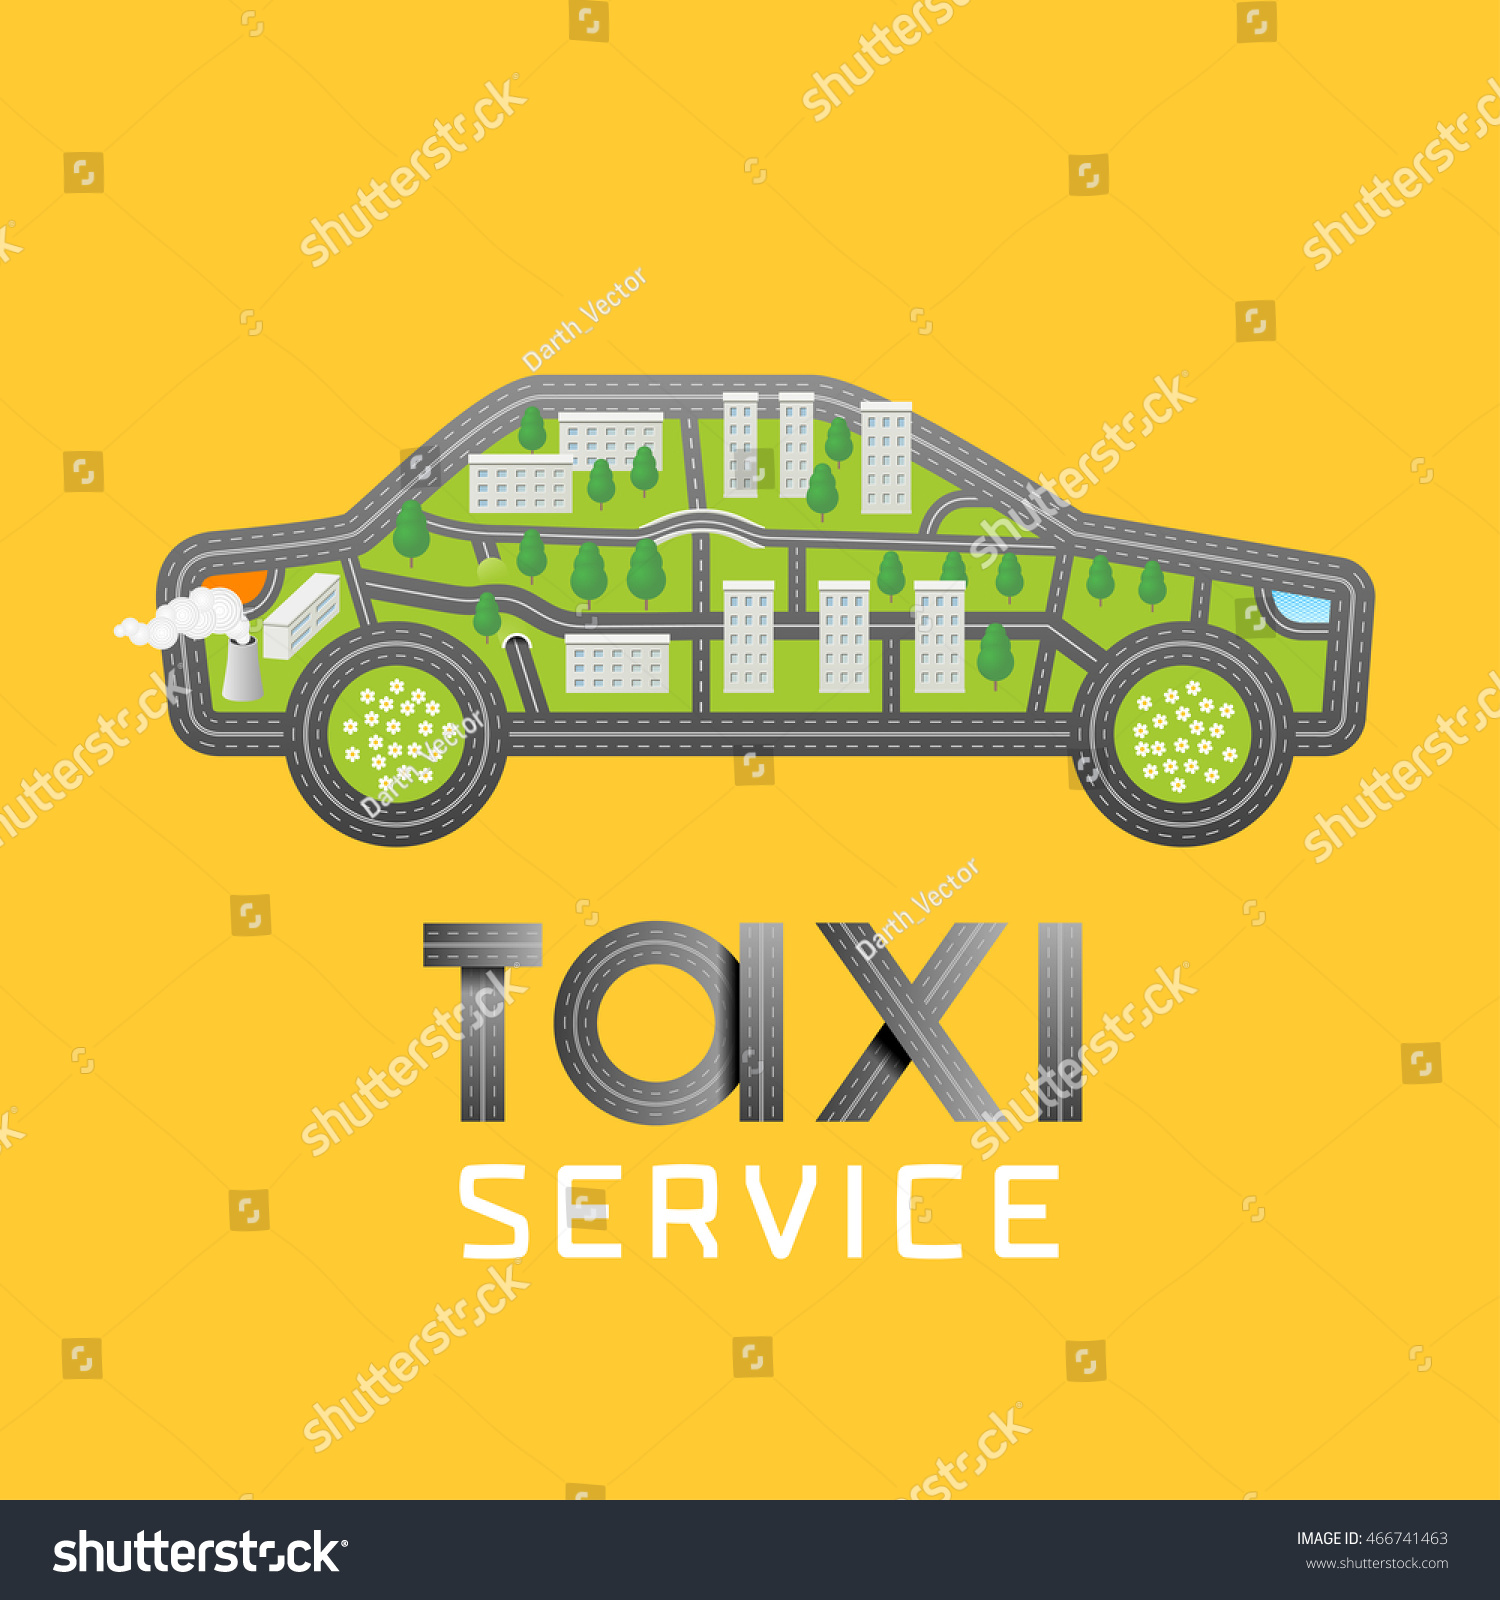 Taxi Cab Vector Logo Icon Car Stock Vector 466741463 Shutterstock